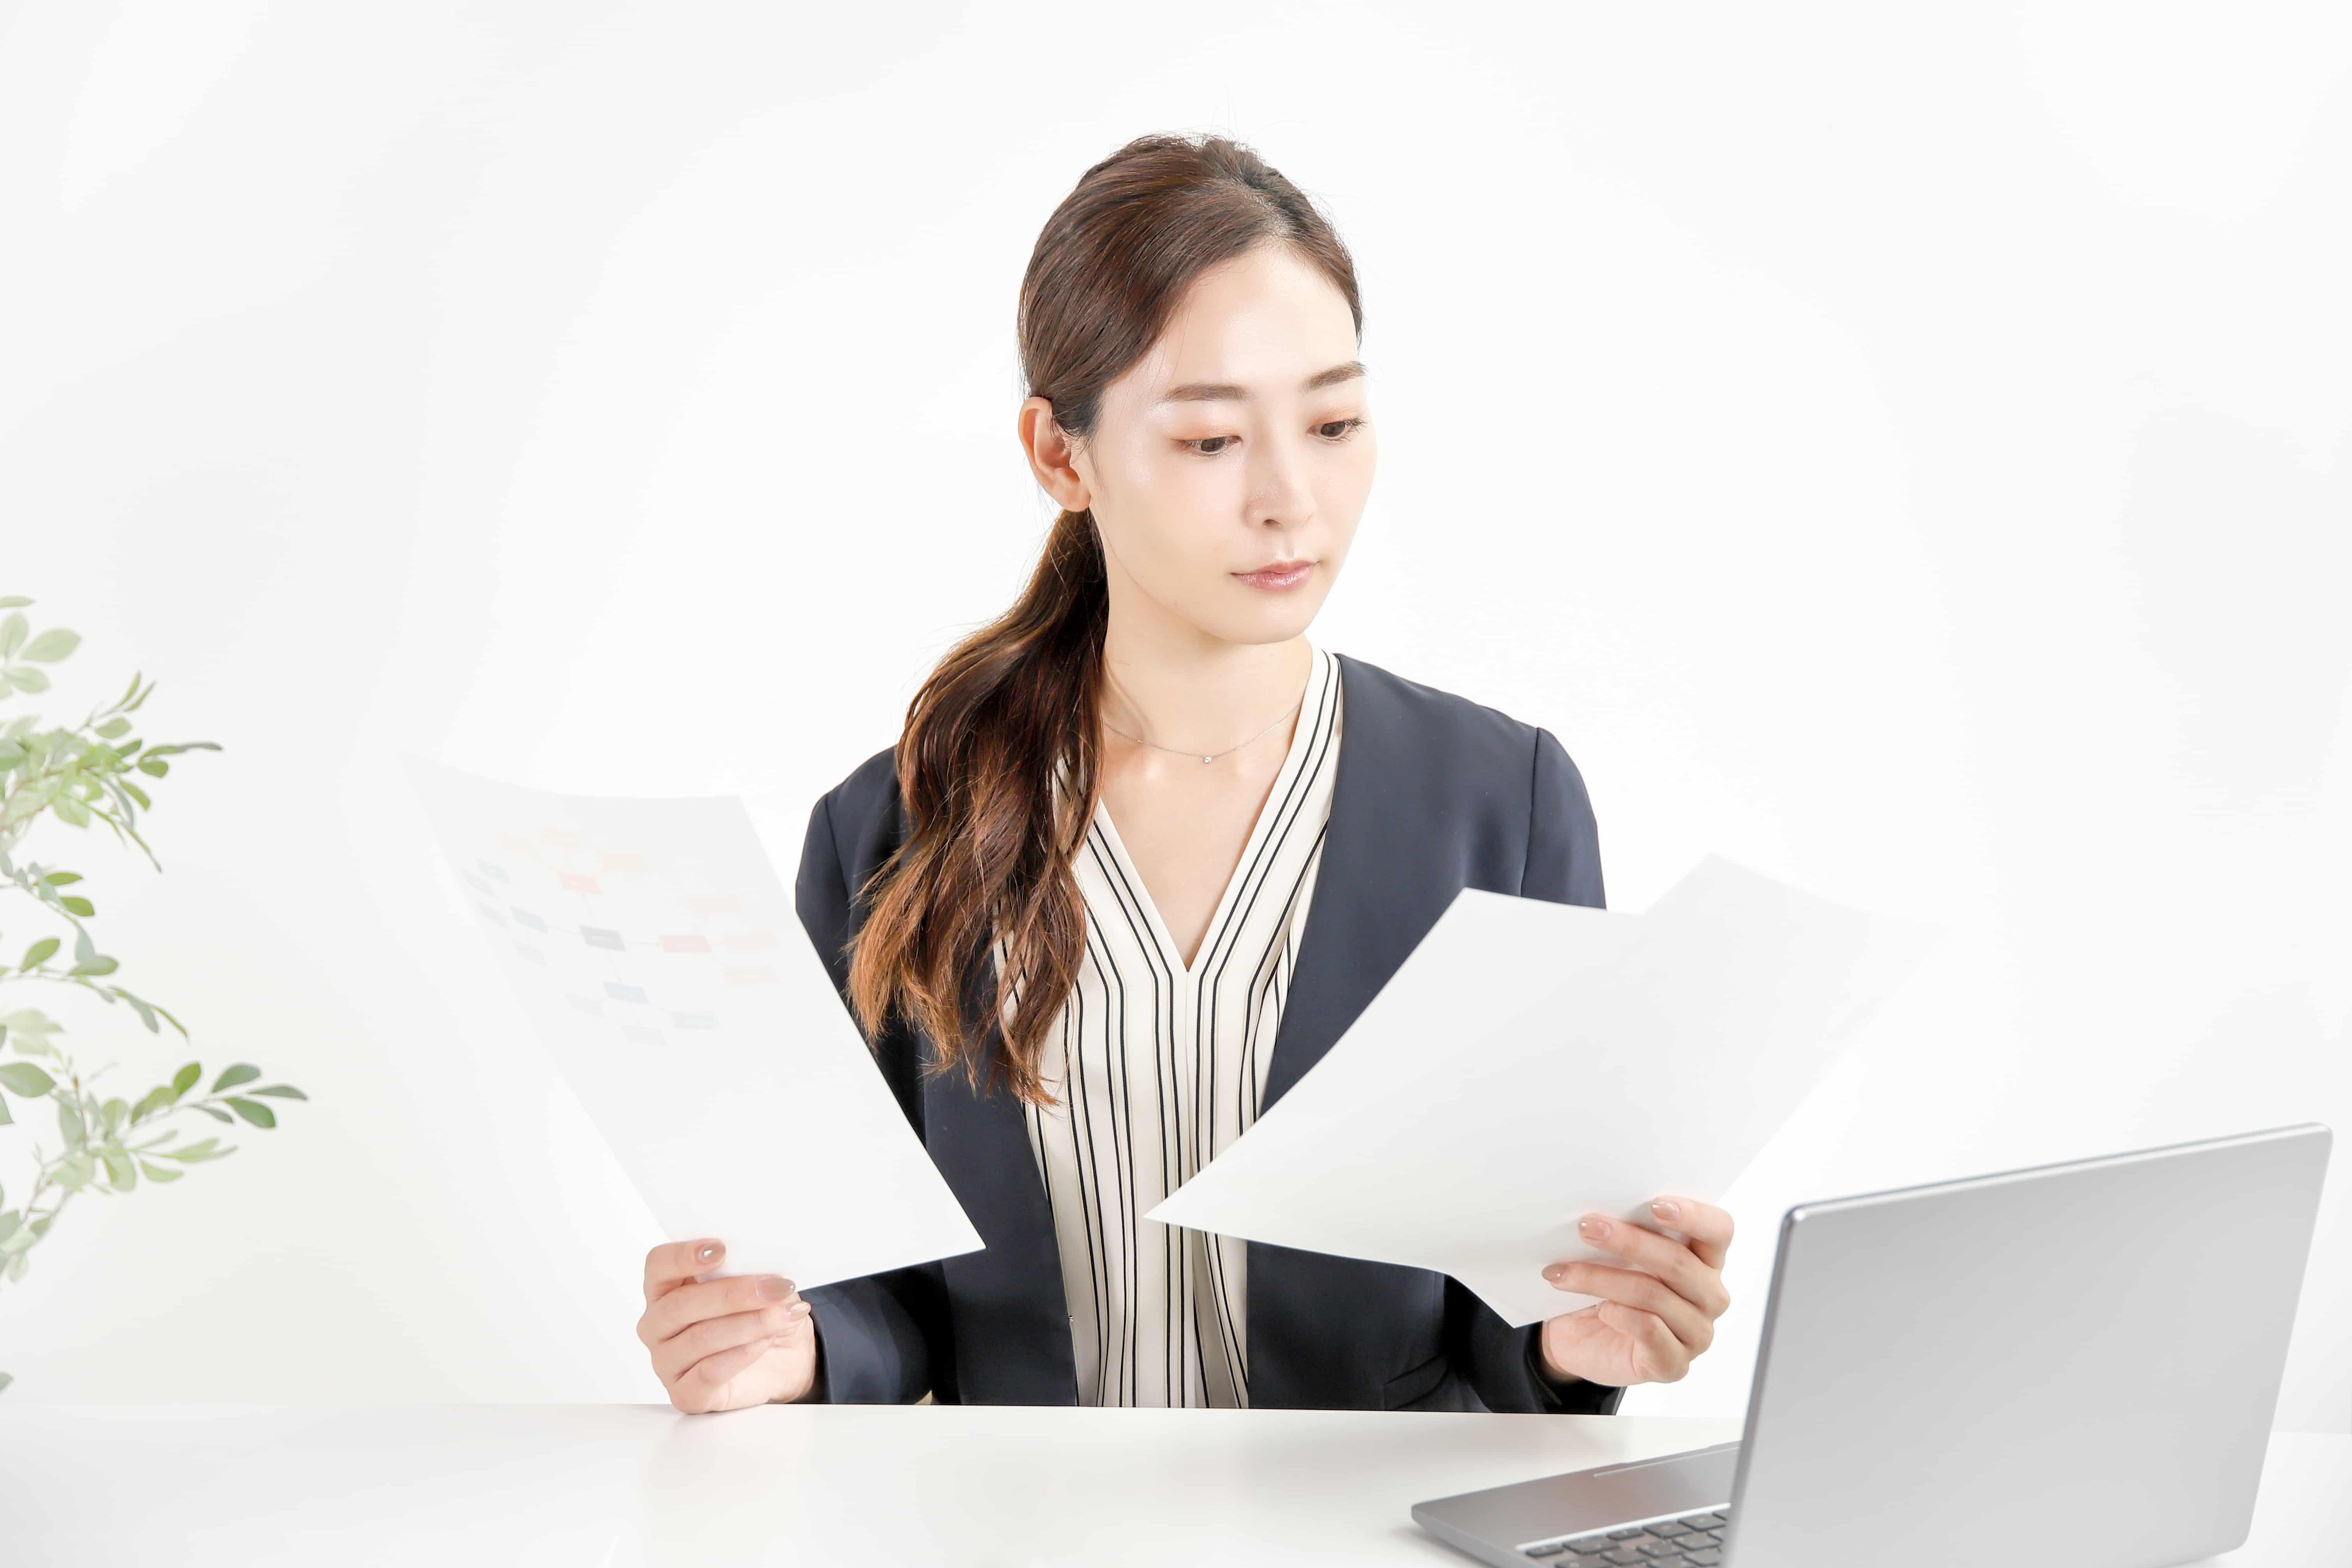 書類を読む女性